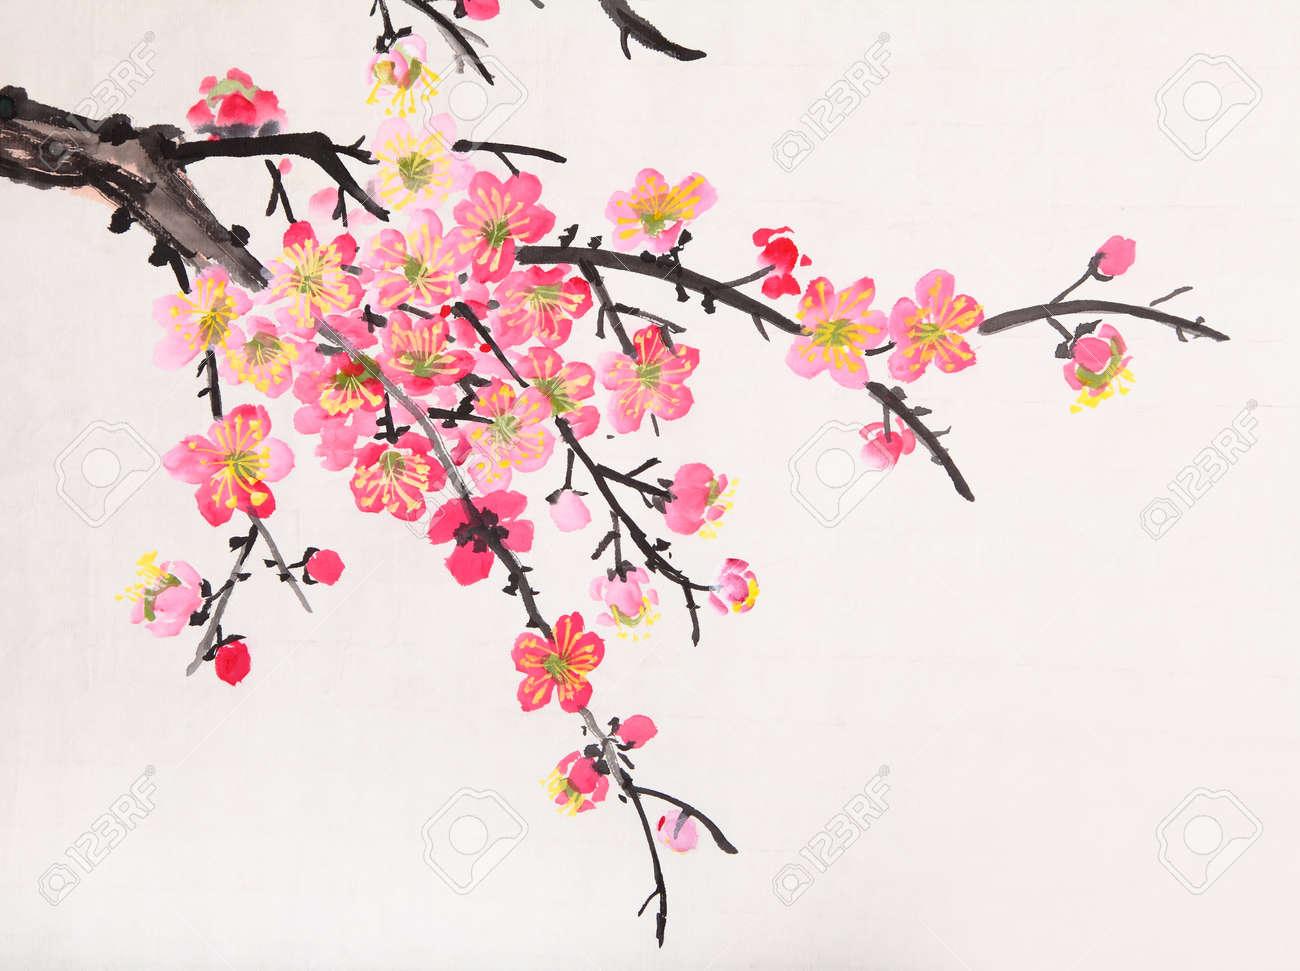 La Peinture Traditionnelle Chinoise De Fleurs La Fleur De Prunier